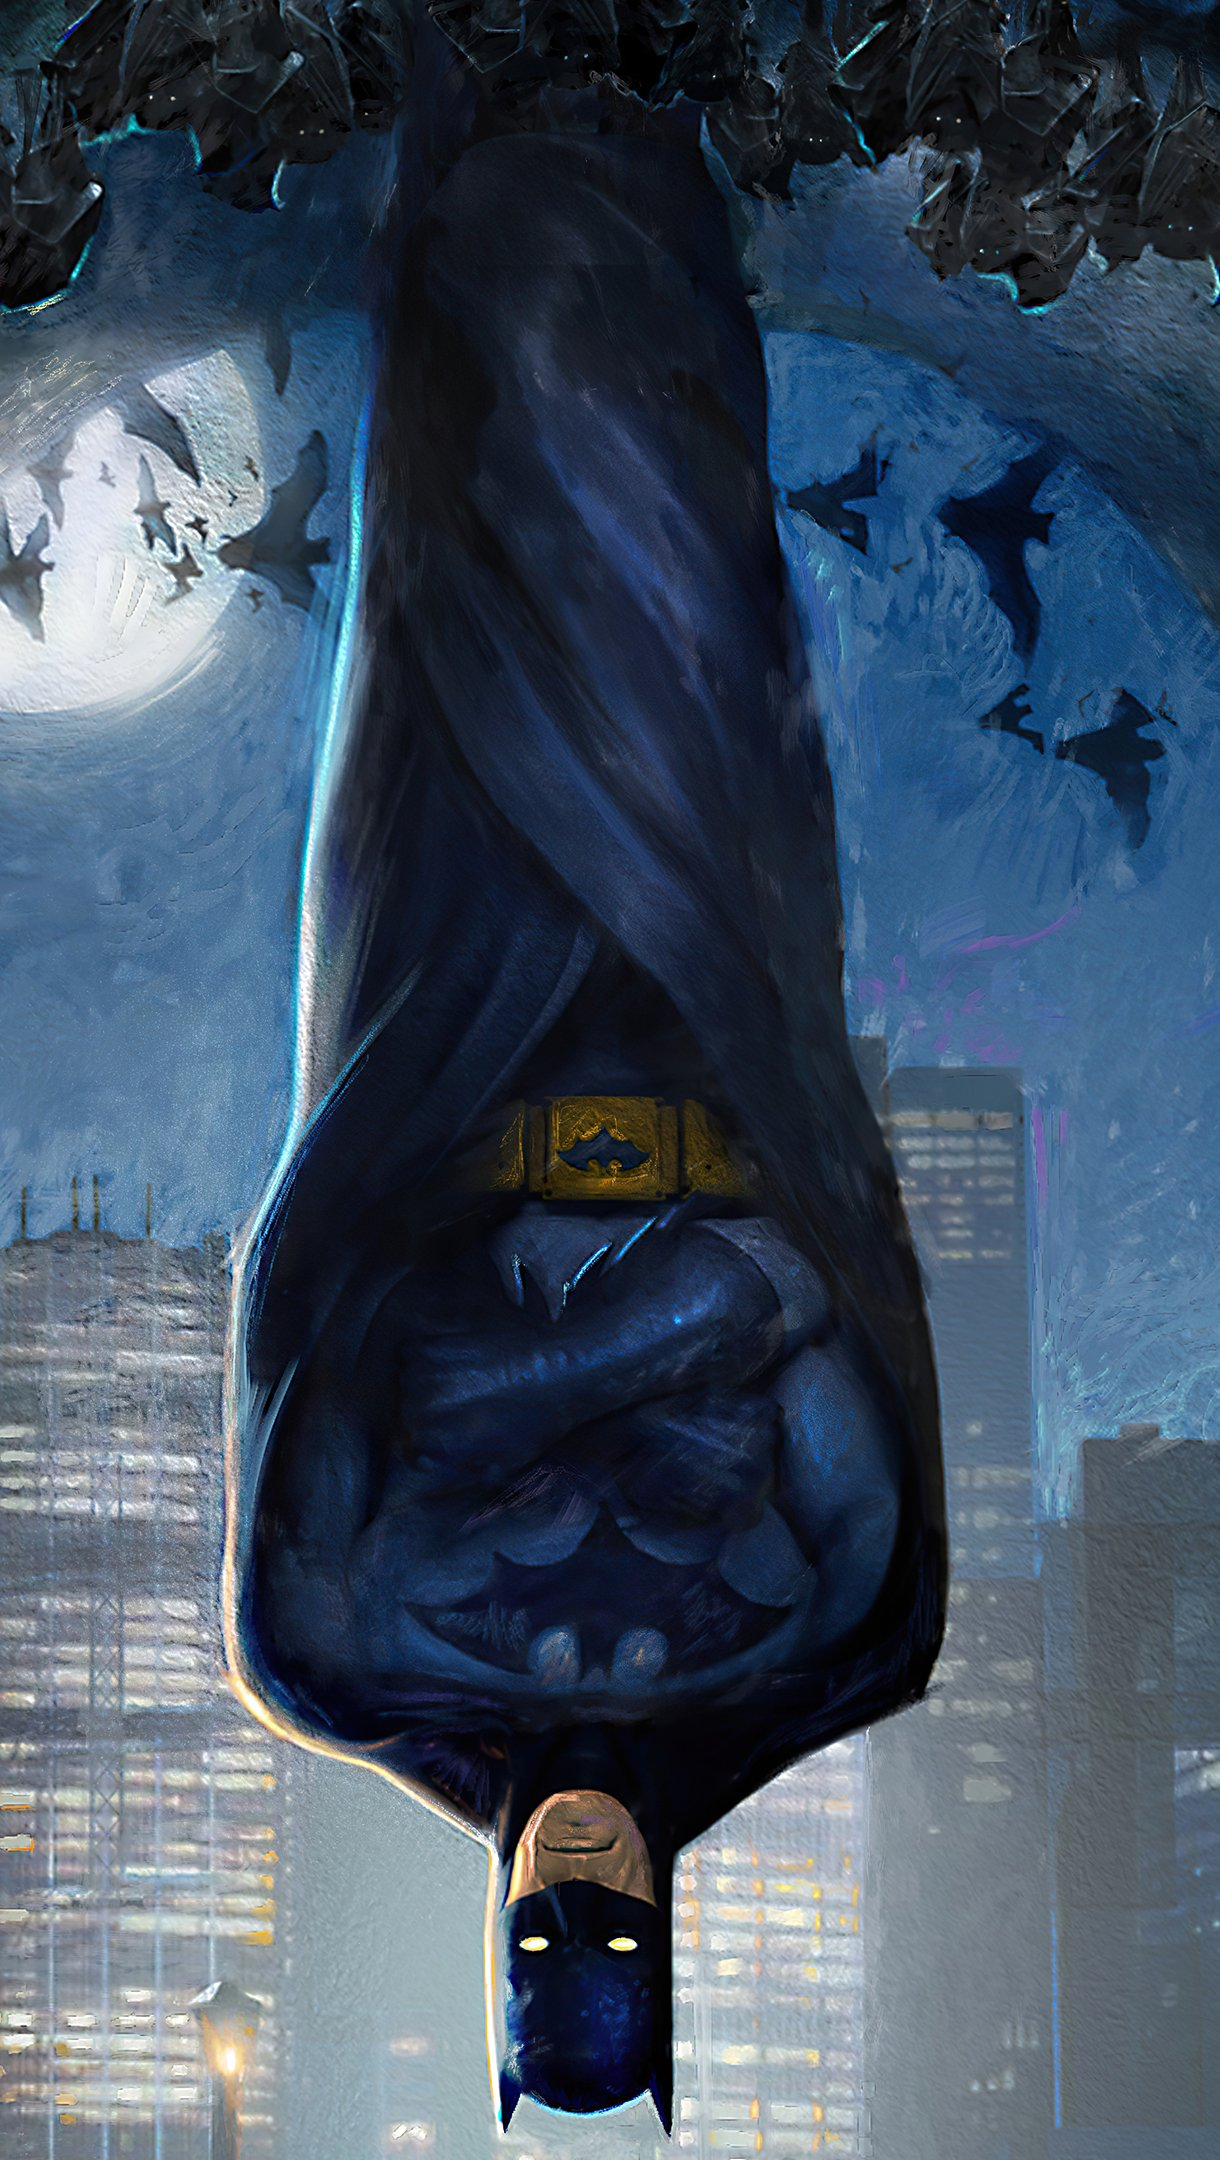 Fondos de pantalla Batman colgado del techo Vertical